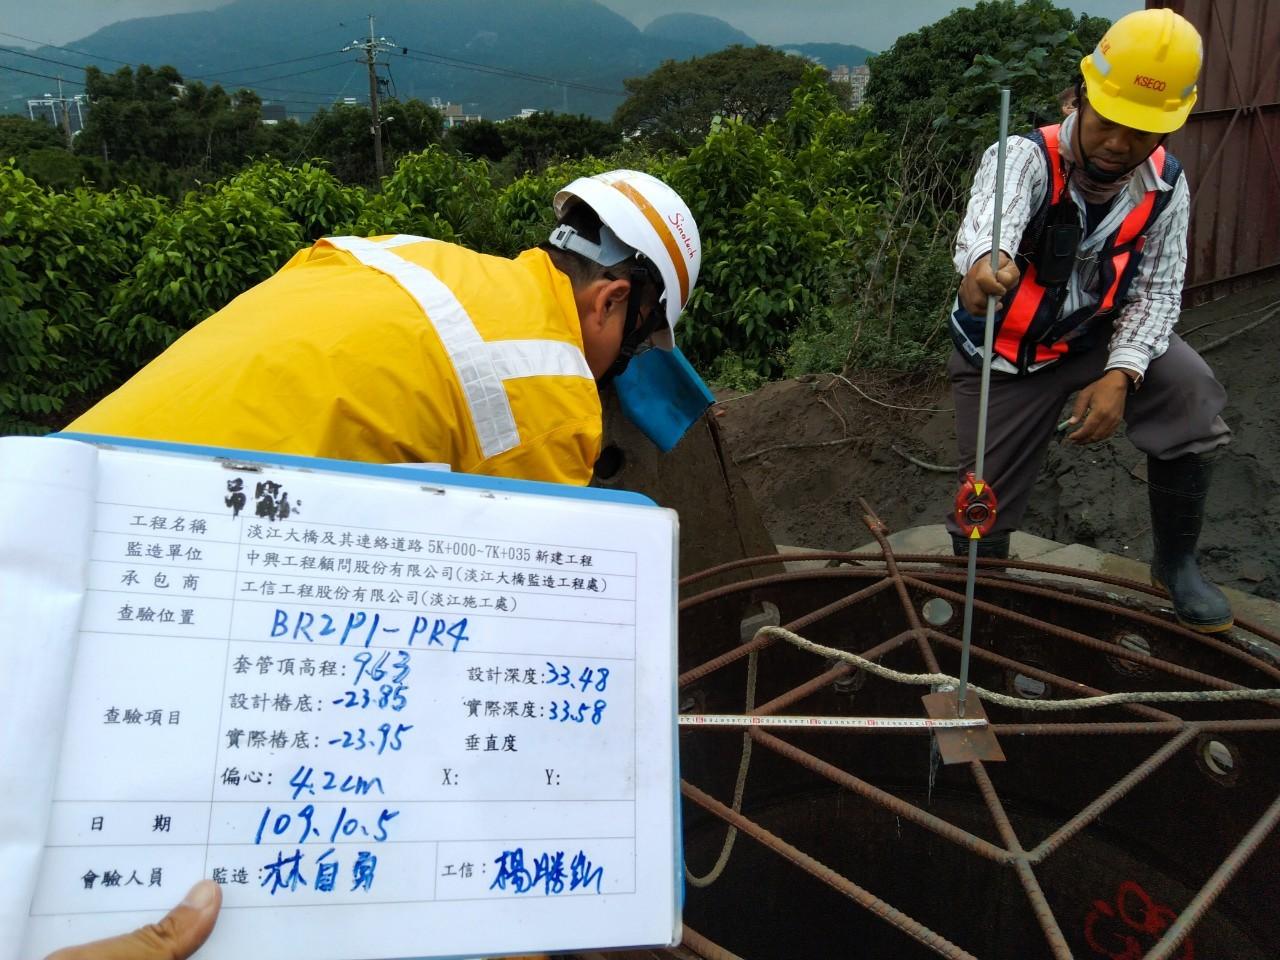 八里端基樁挖掘後位置測量及查驗